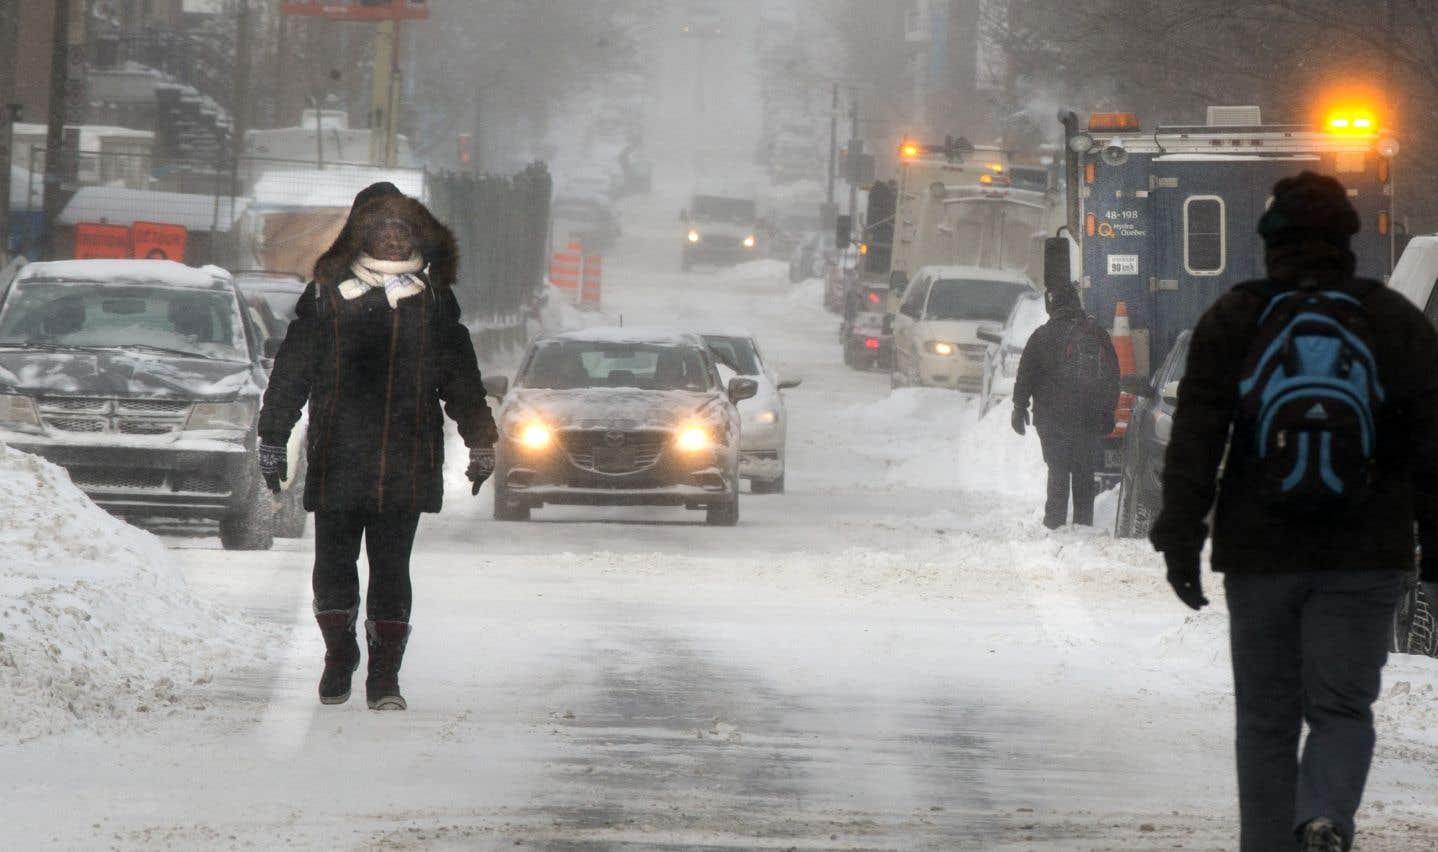 La région de la métropole devrait recevoir de 2 à 4 cm de neige et des rafales de 60 km/h.